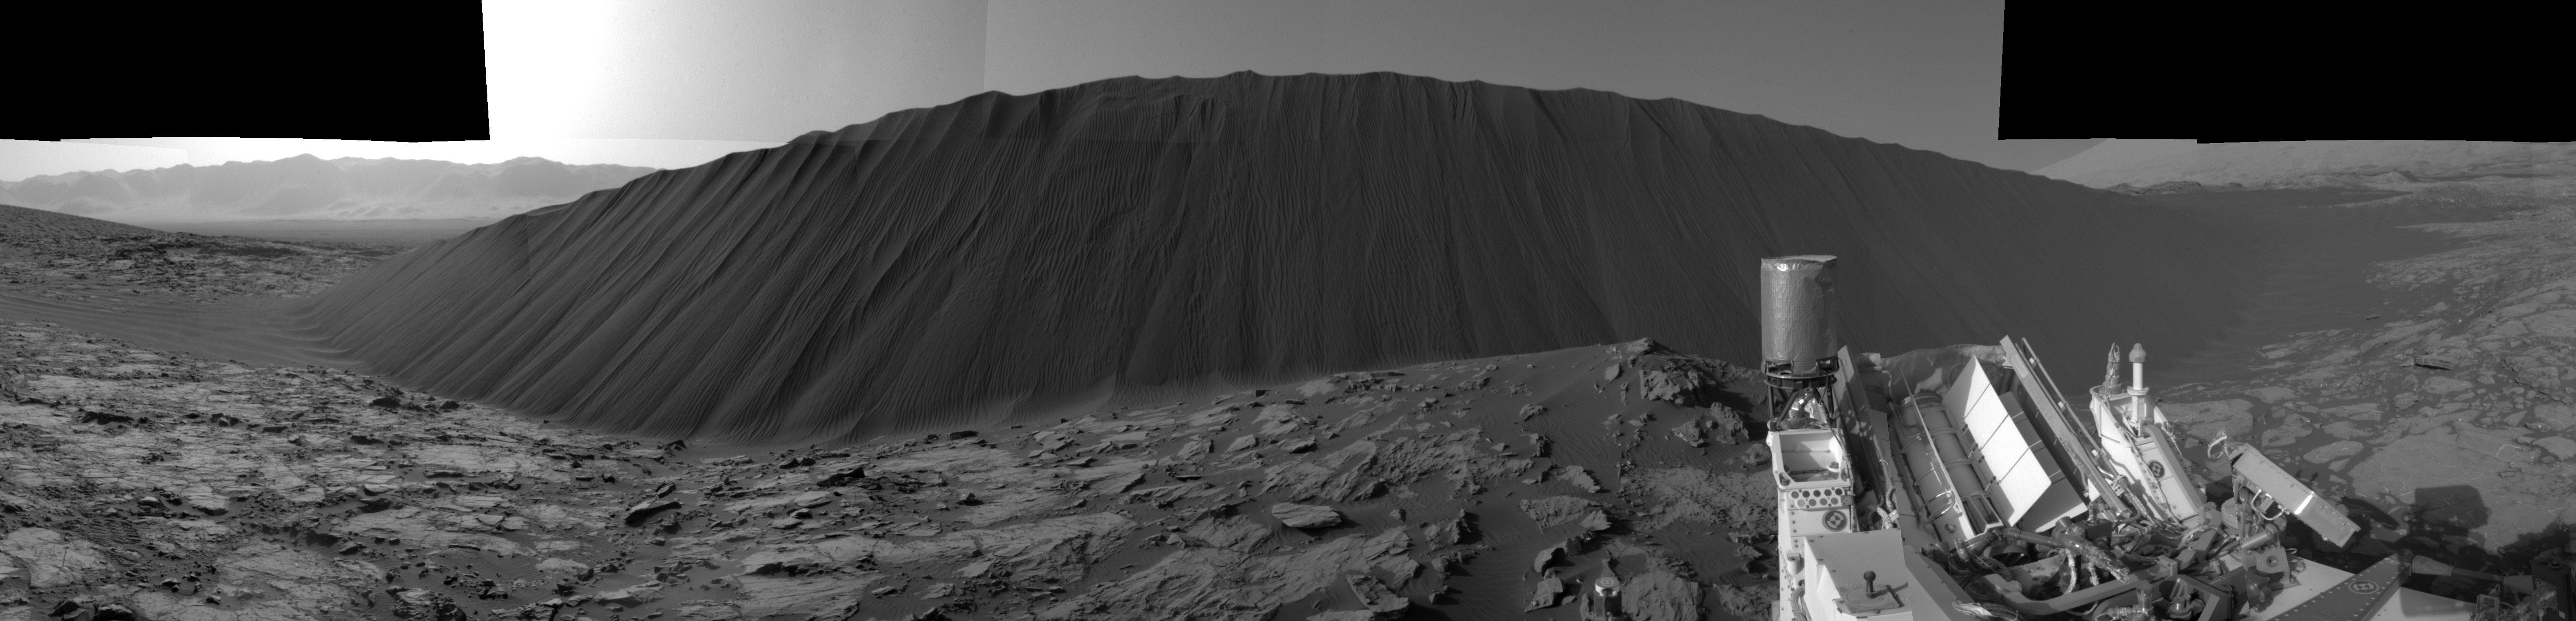 mars-slip-face-downwind-sand-dune-namib-sol1196-pia20281-full